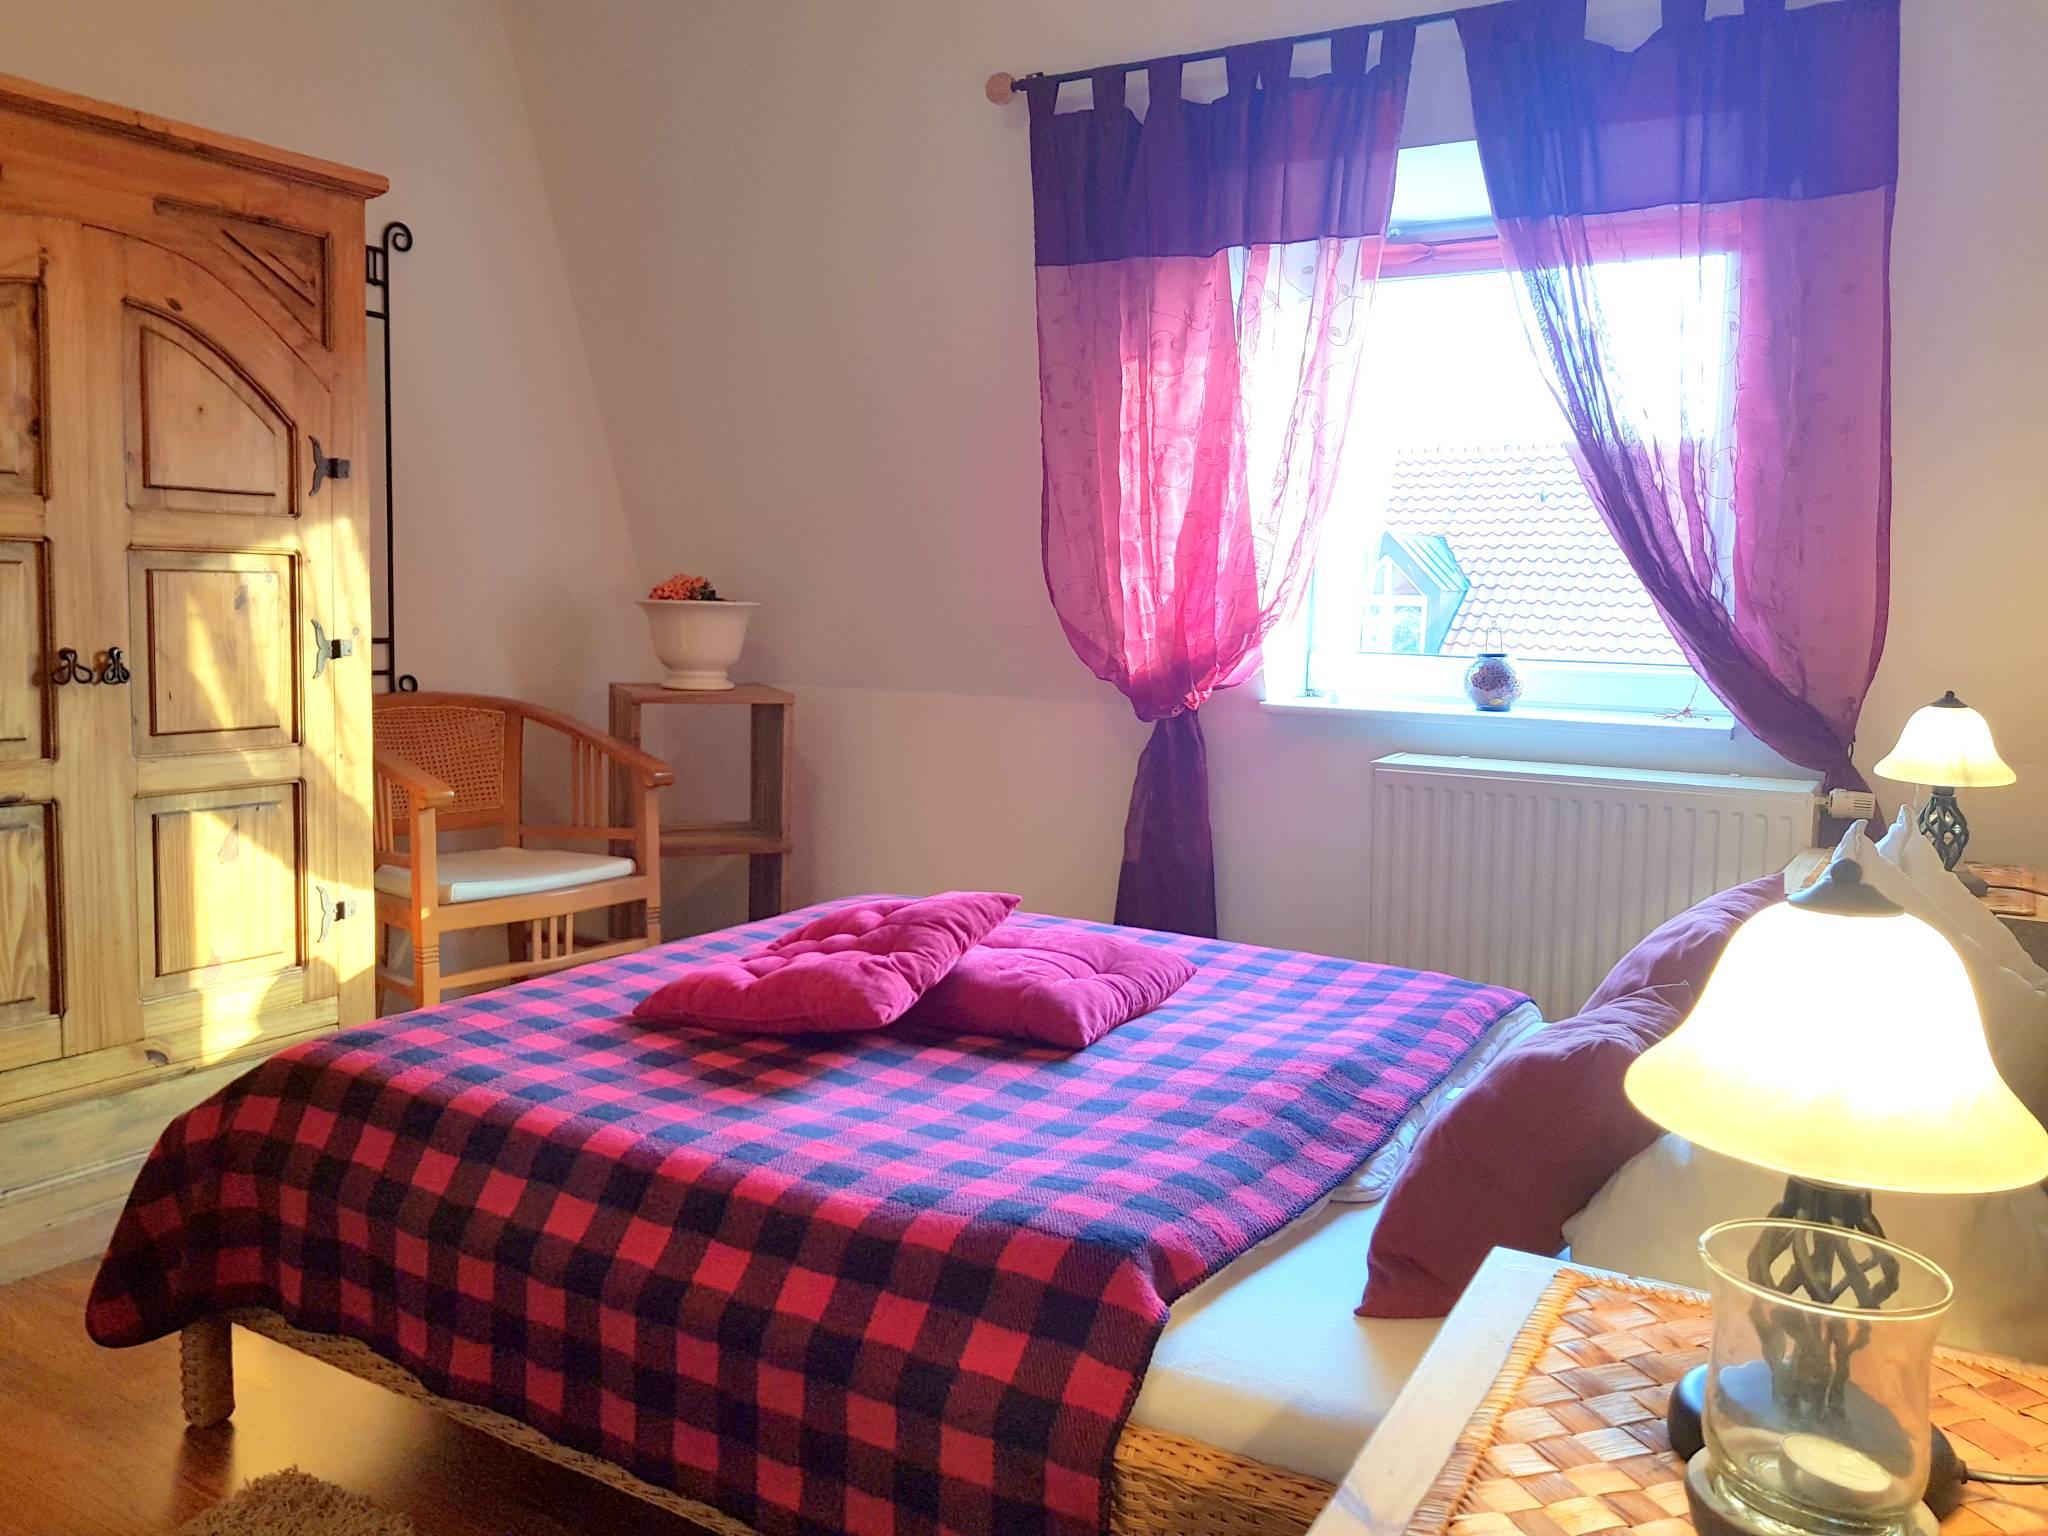 1. Schlafzimmer mit großem Bett